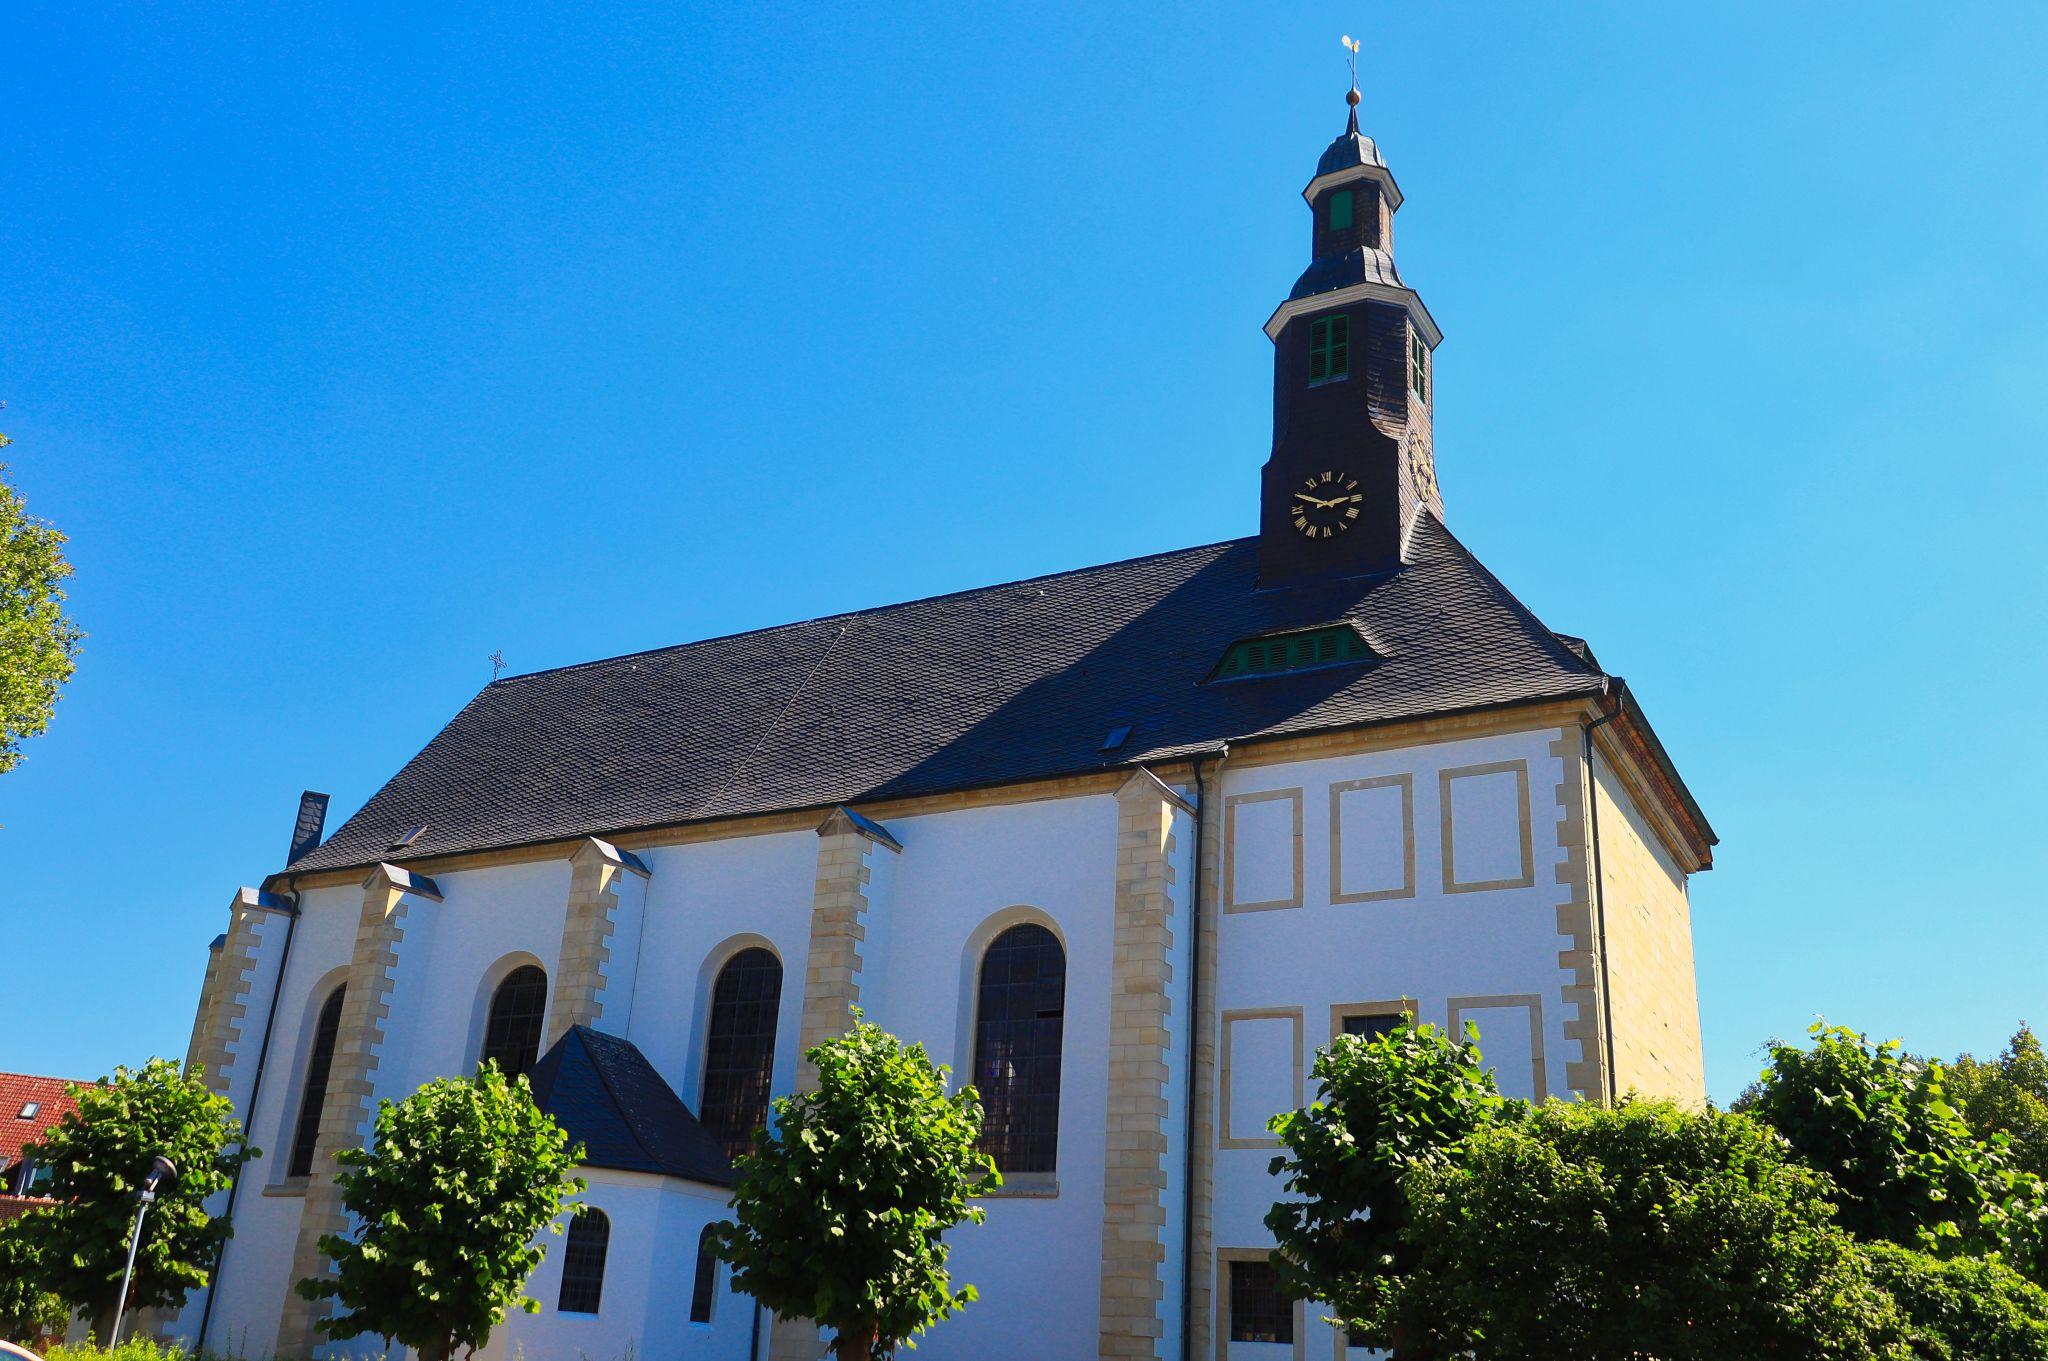 Stiftskirche Sankt Georg in Hohenholte, Germany